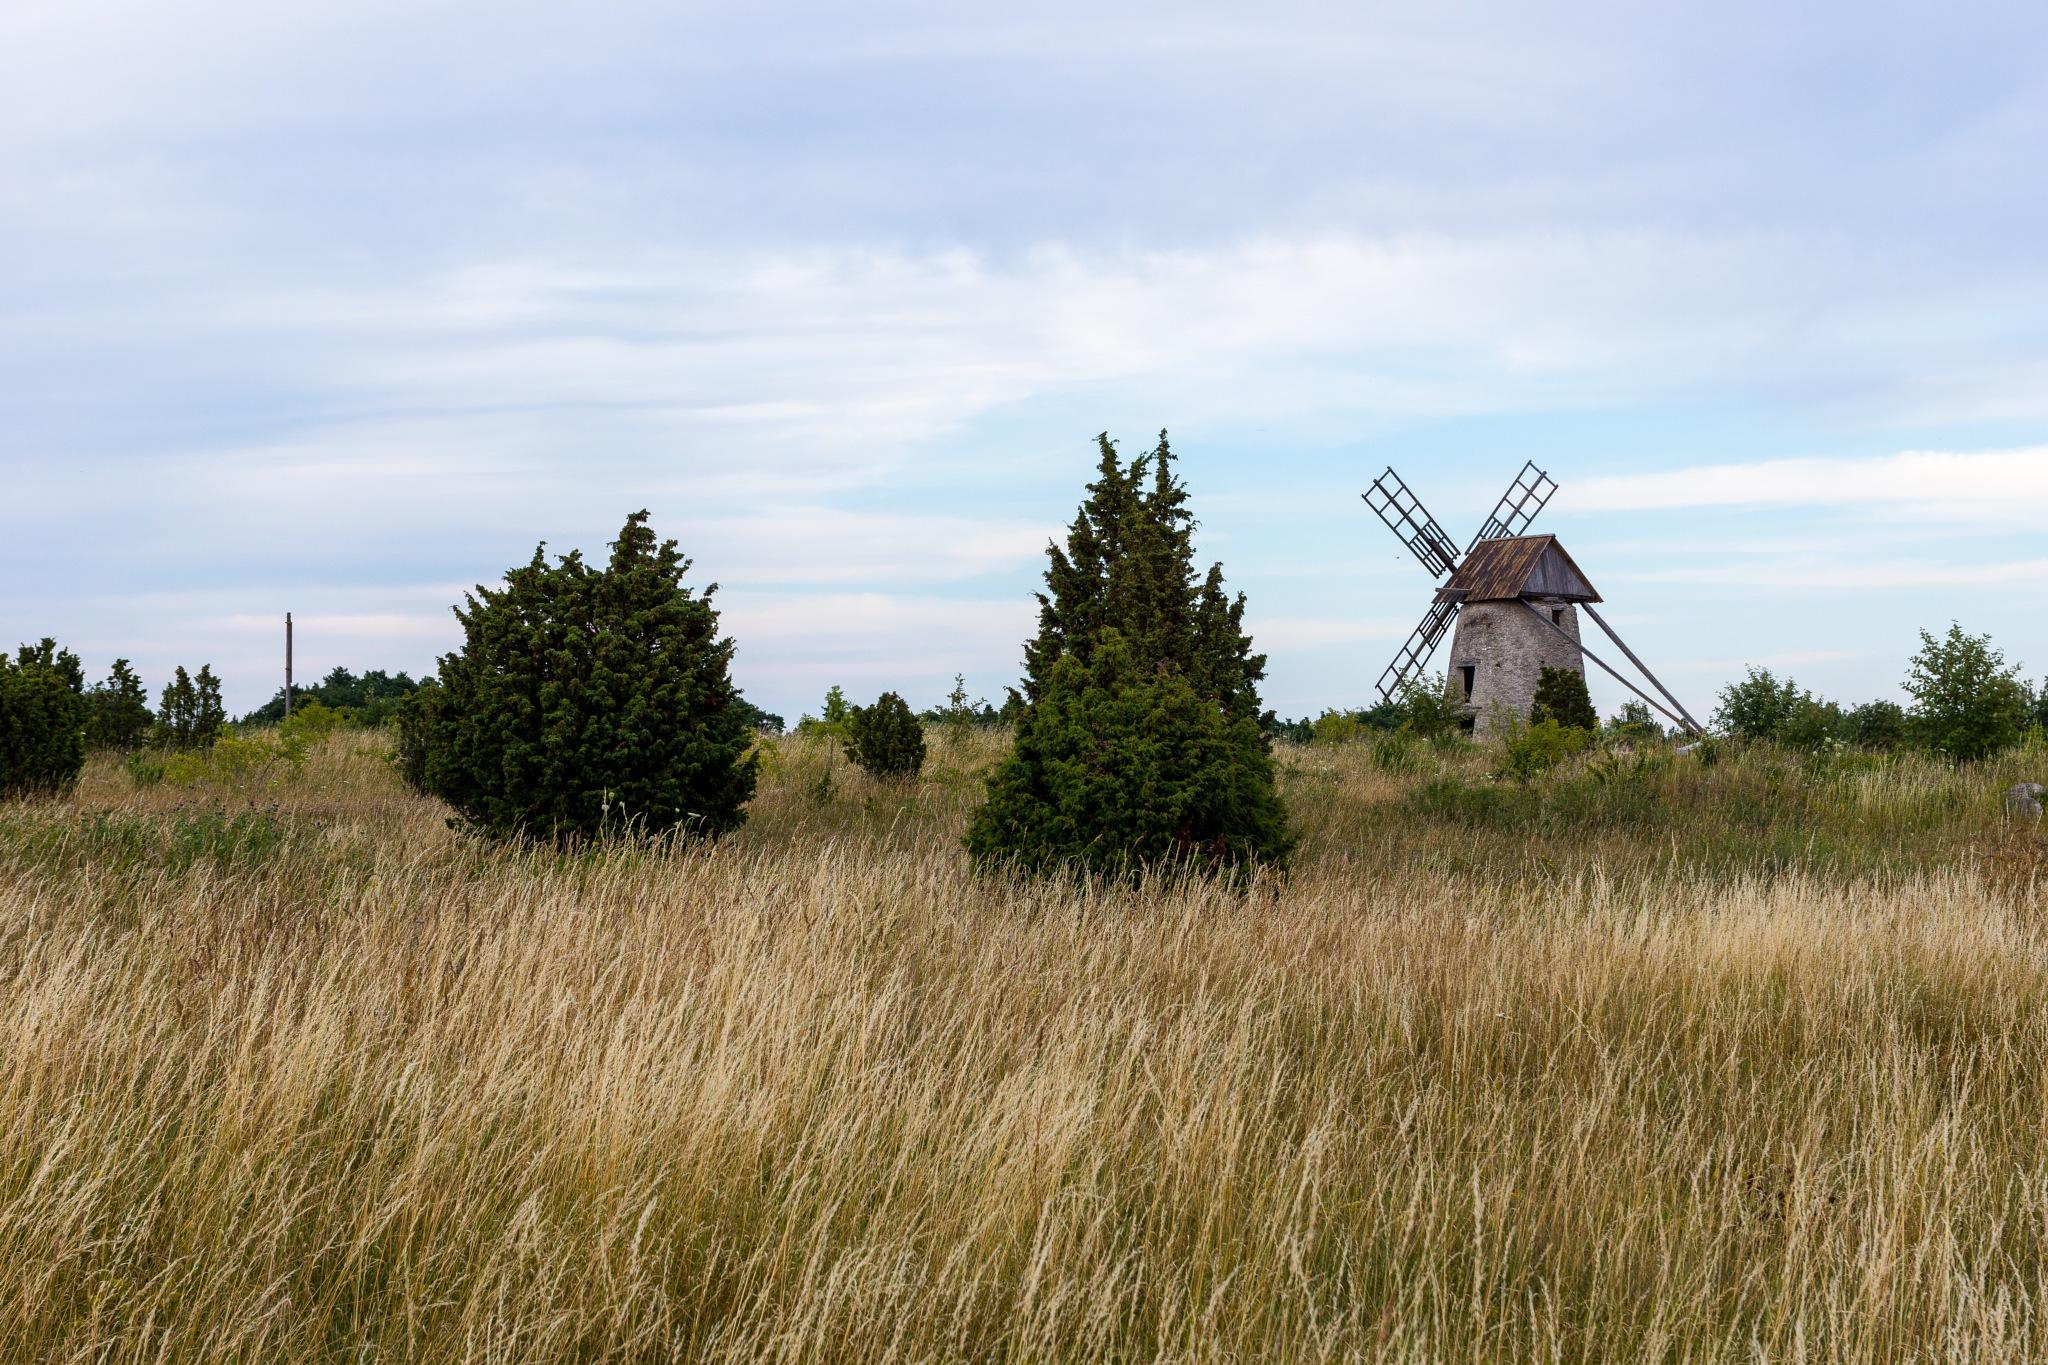 Windmill at Fårö by André Vidén